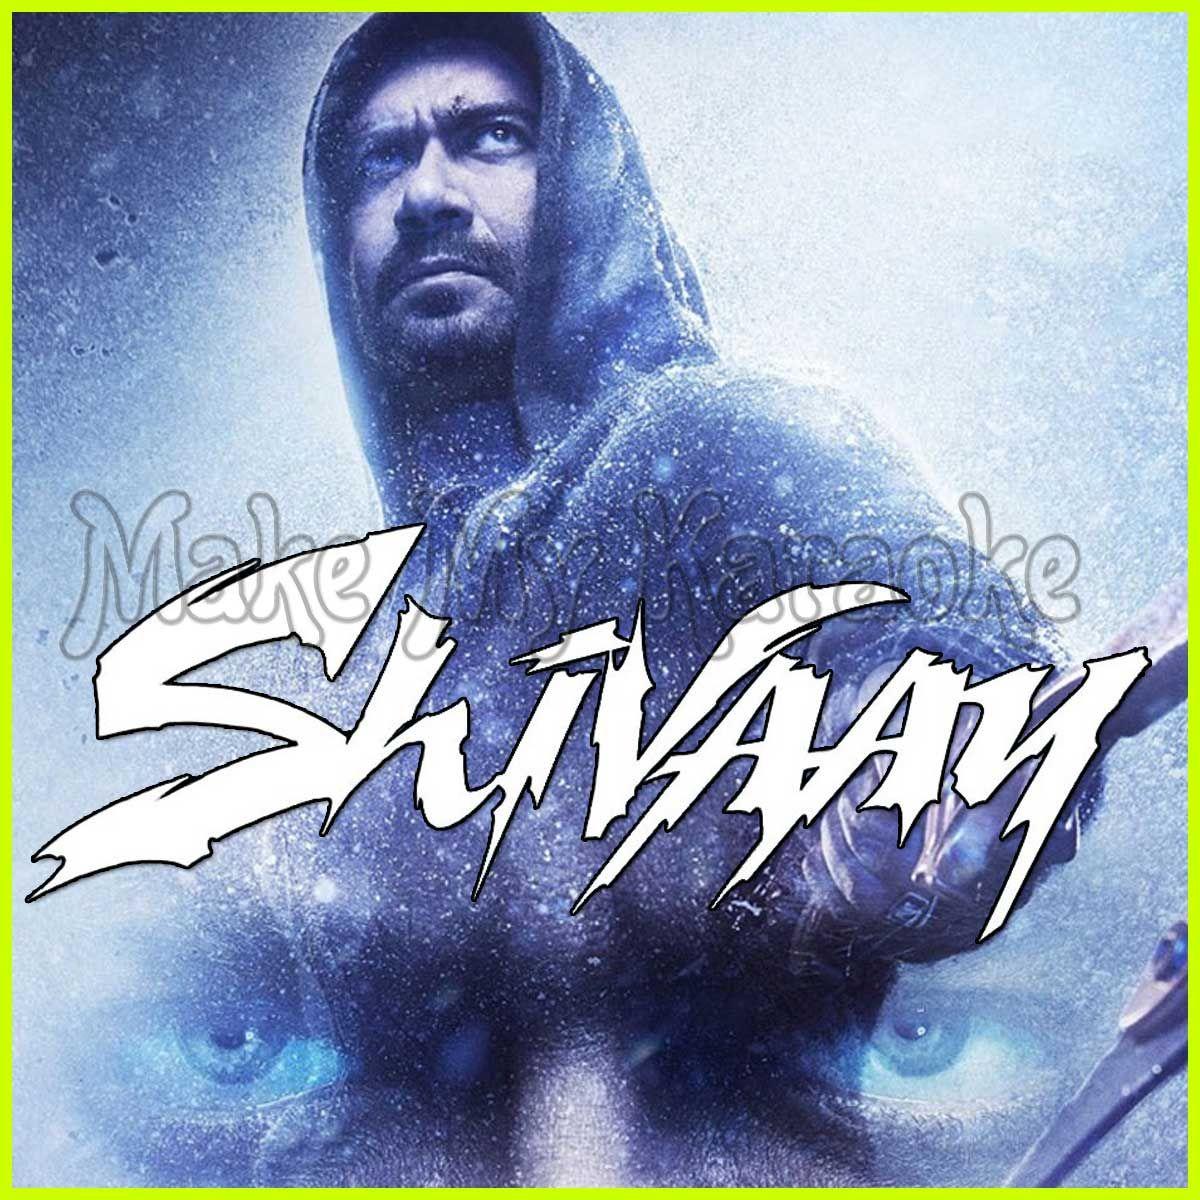 Bolo Har Har Har Video Karaoke With Lyrics Shivaay Video Karaoke In 2020 Karaoke Full Movies Download Karaoke Songs